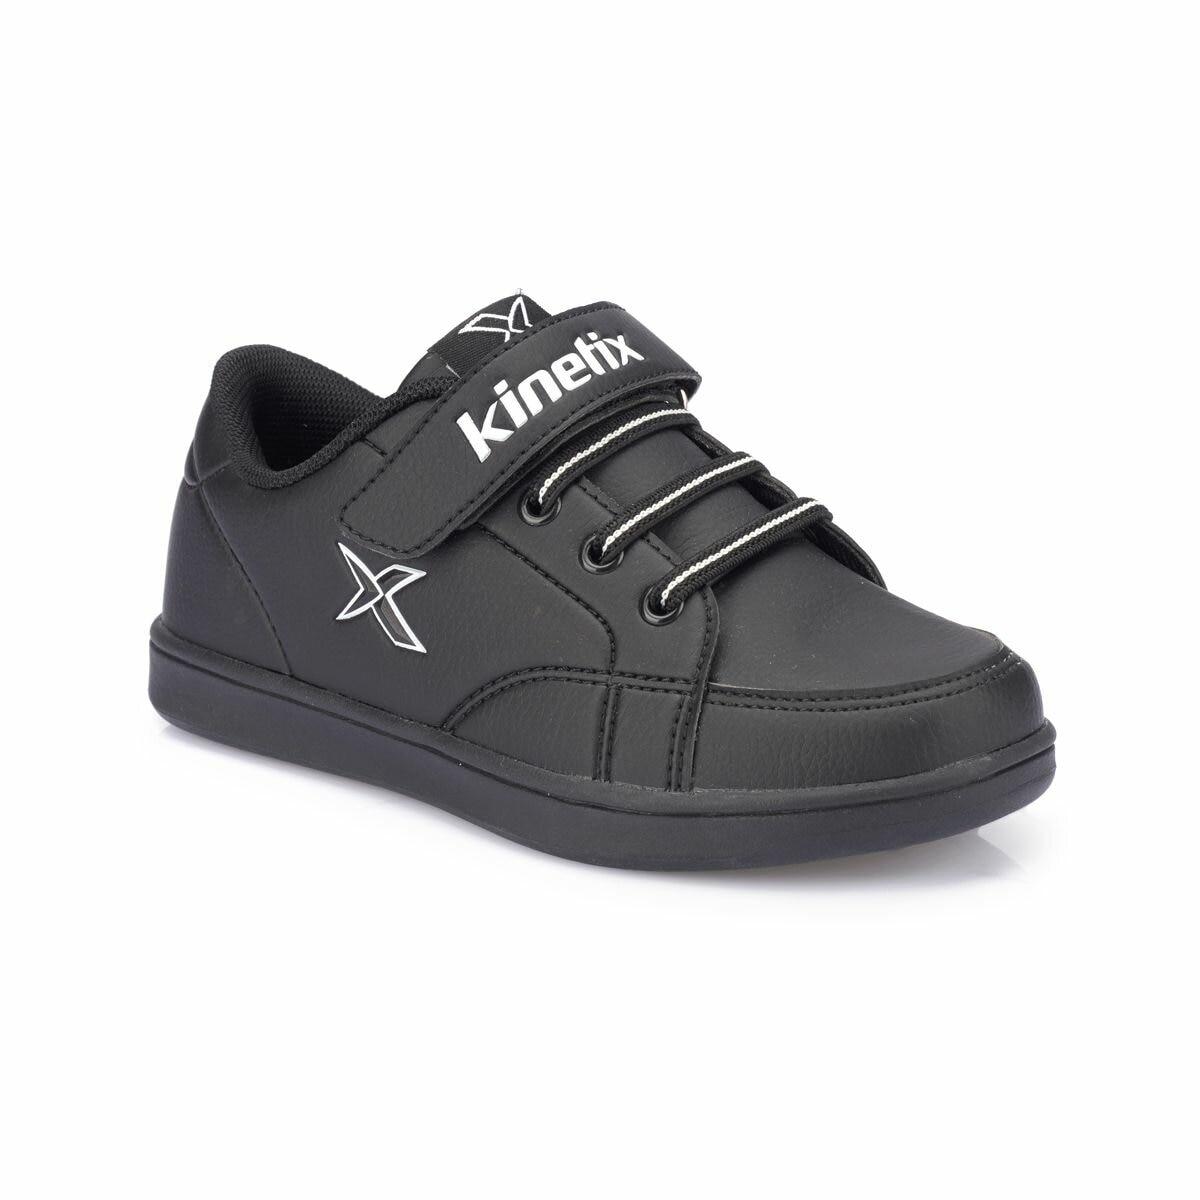 FLO HERBERT J Black Male Child Sneaker Shoes KINETIX Sneakers     - title=